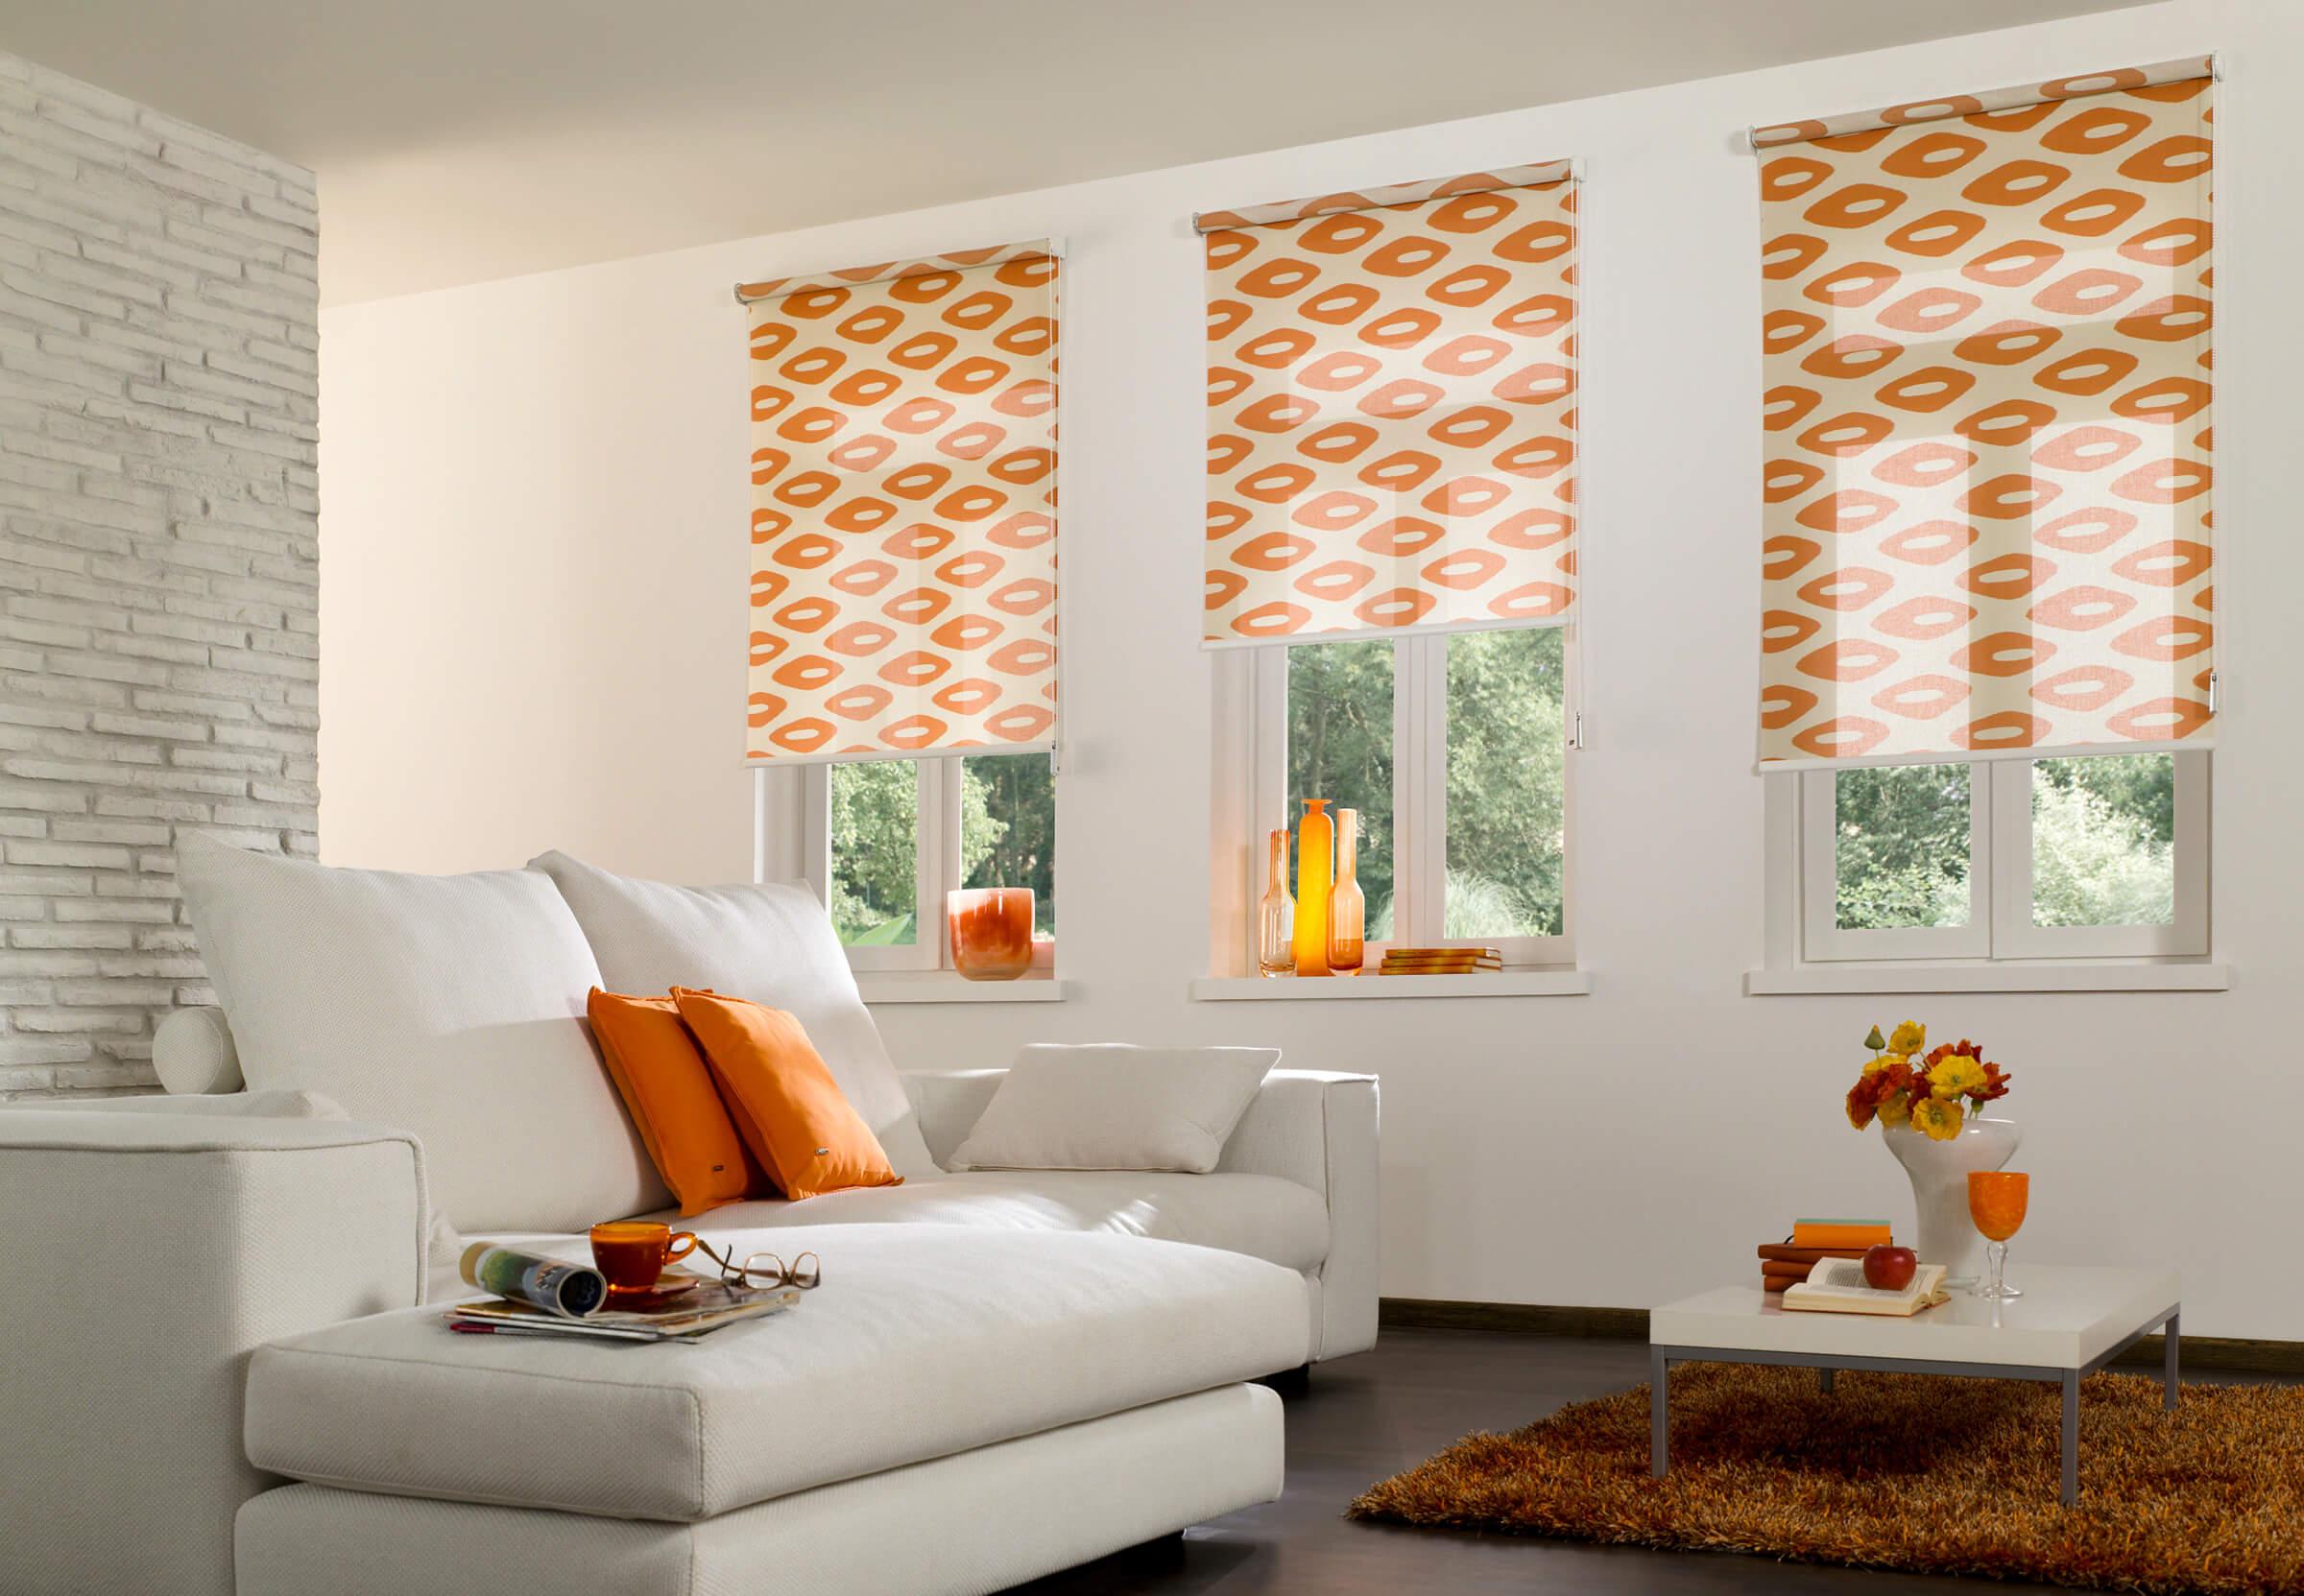 Seitenzugrollo in Orange Dekor im Wohnzimmer